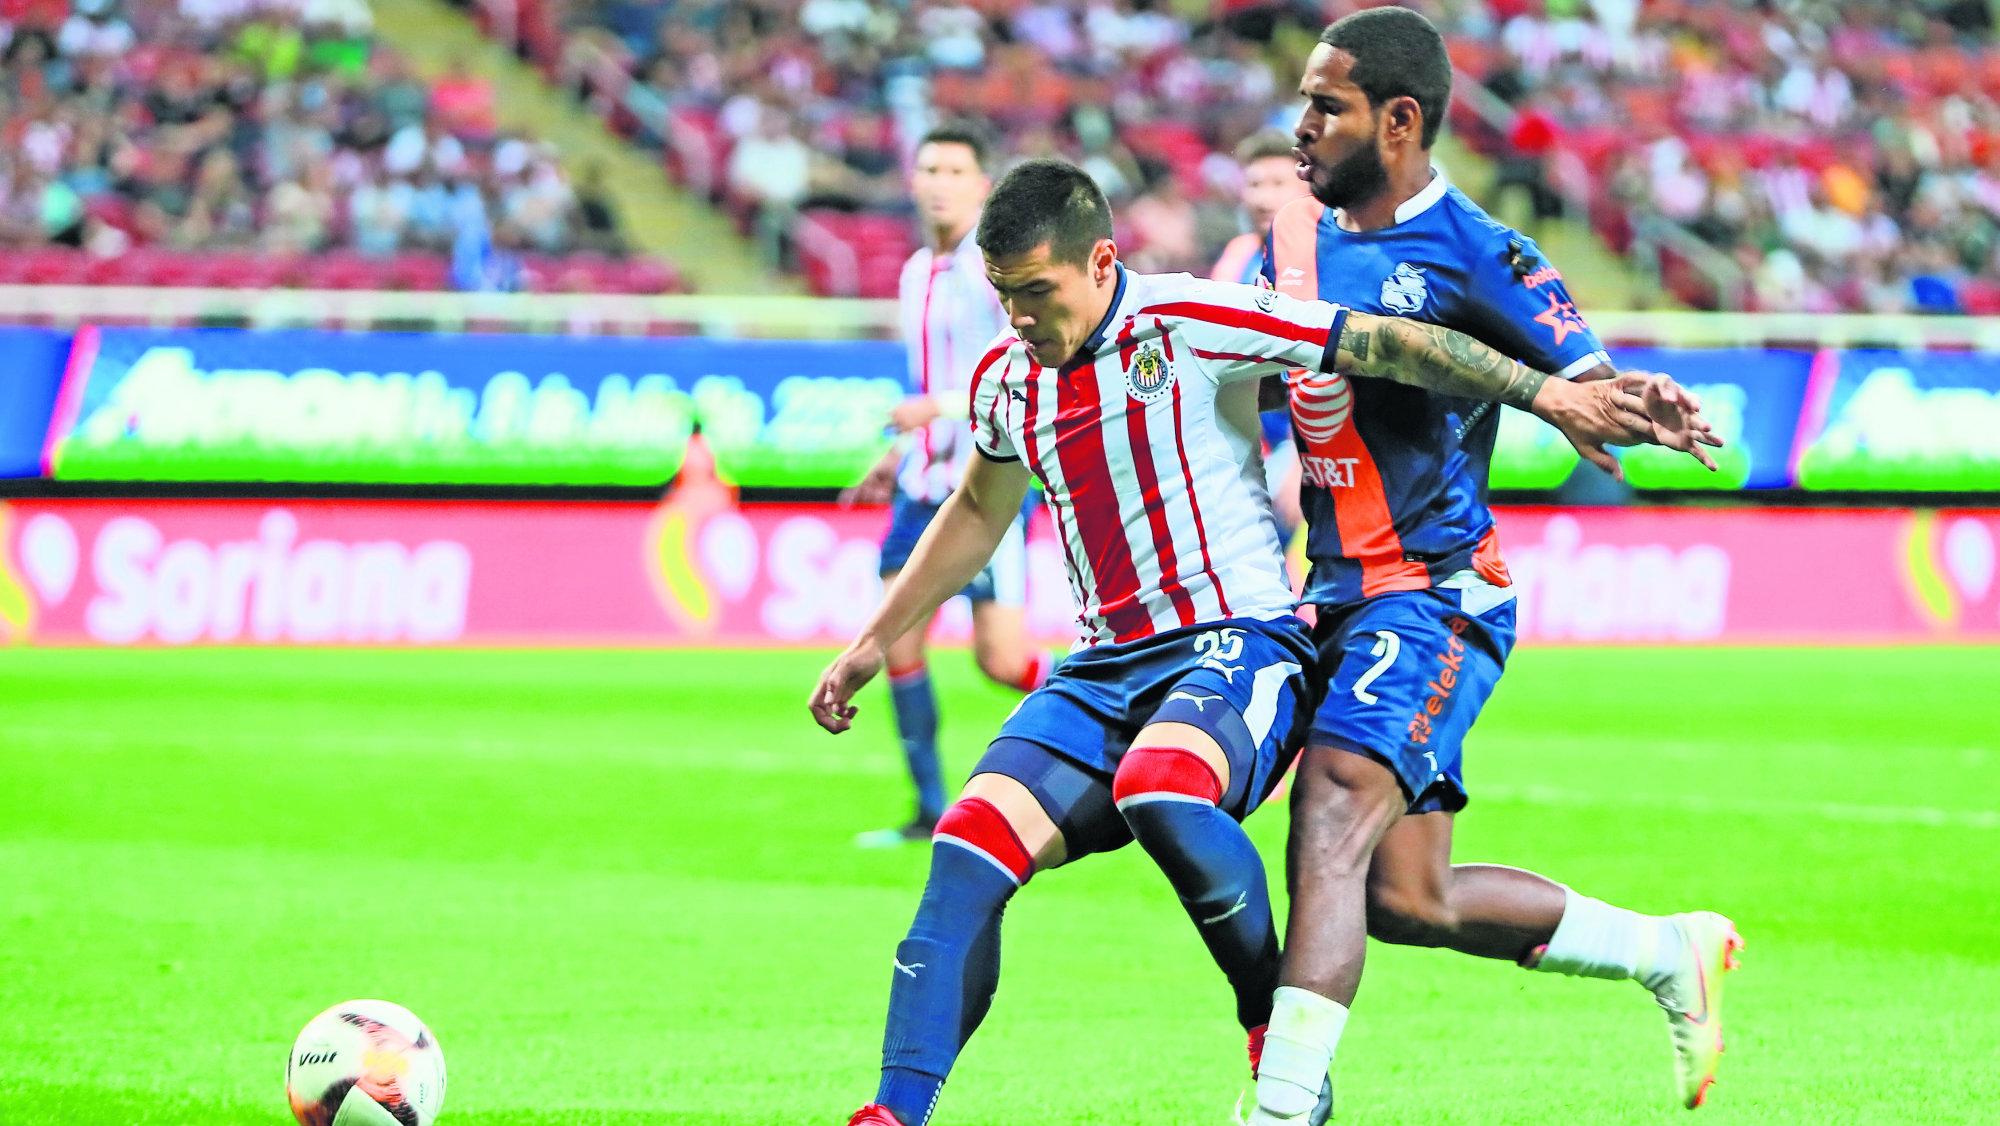 Chivas visita al Puebla en busca de su segundo triunfo en la Liga MX